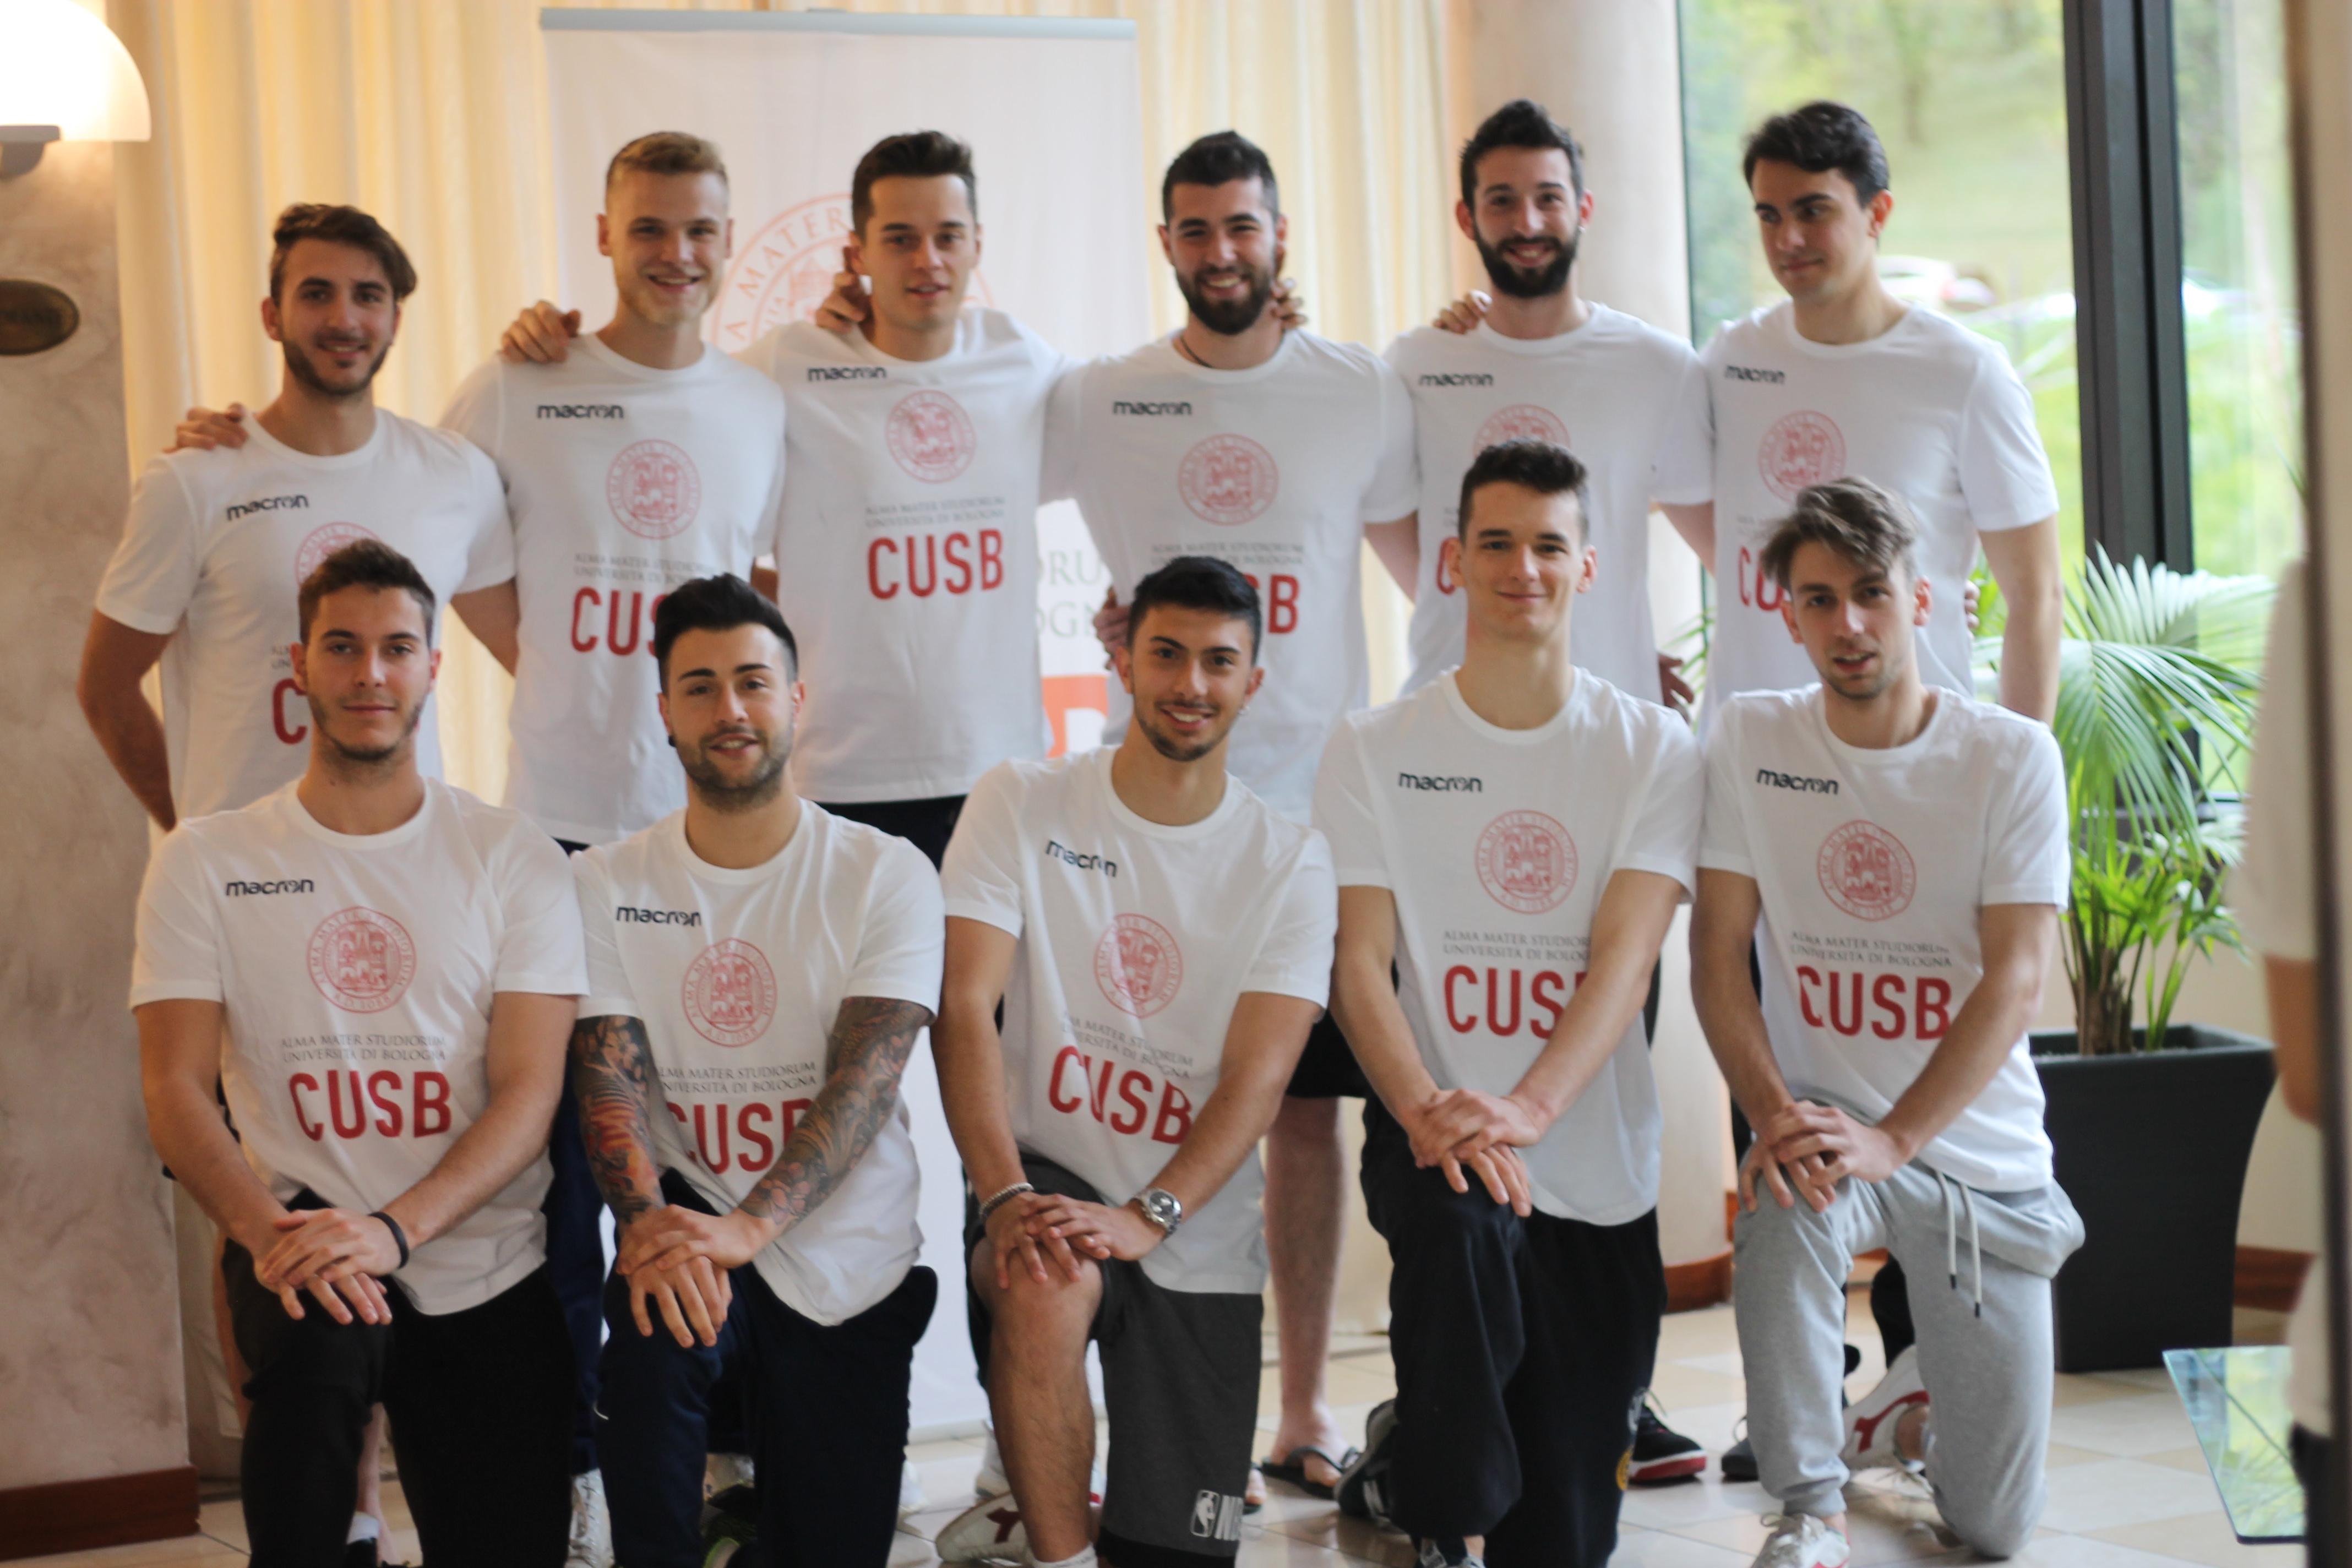 pallavolo team cnu 2019 cus Bologna